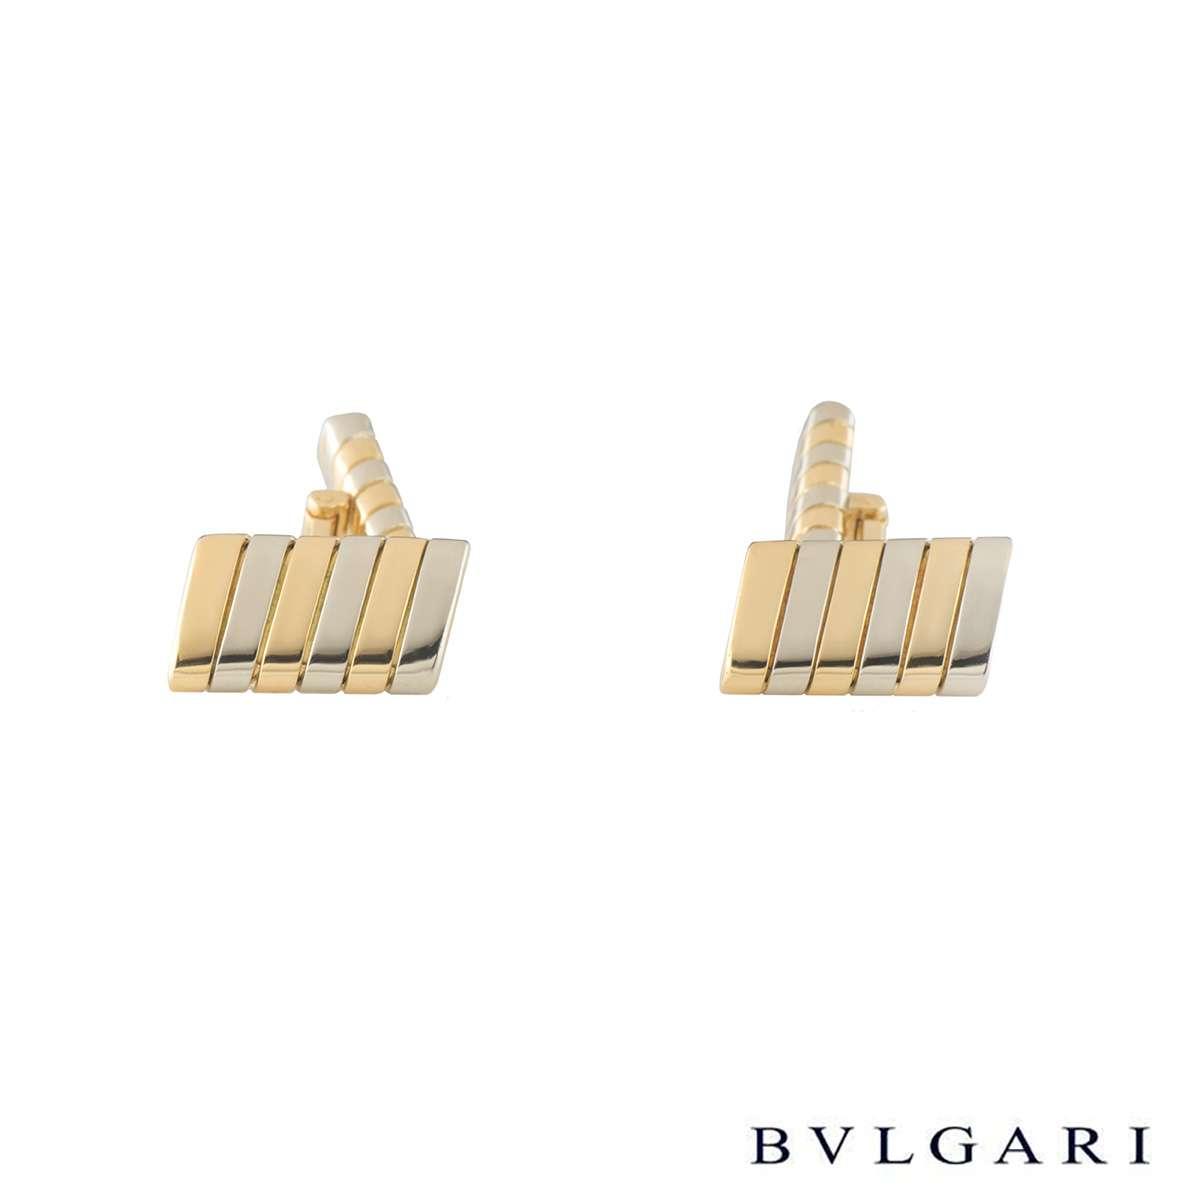 BvlgariYellow and White Gold Tubogas Cufflinks